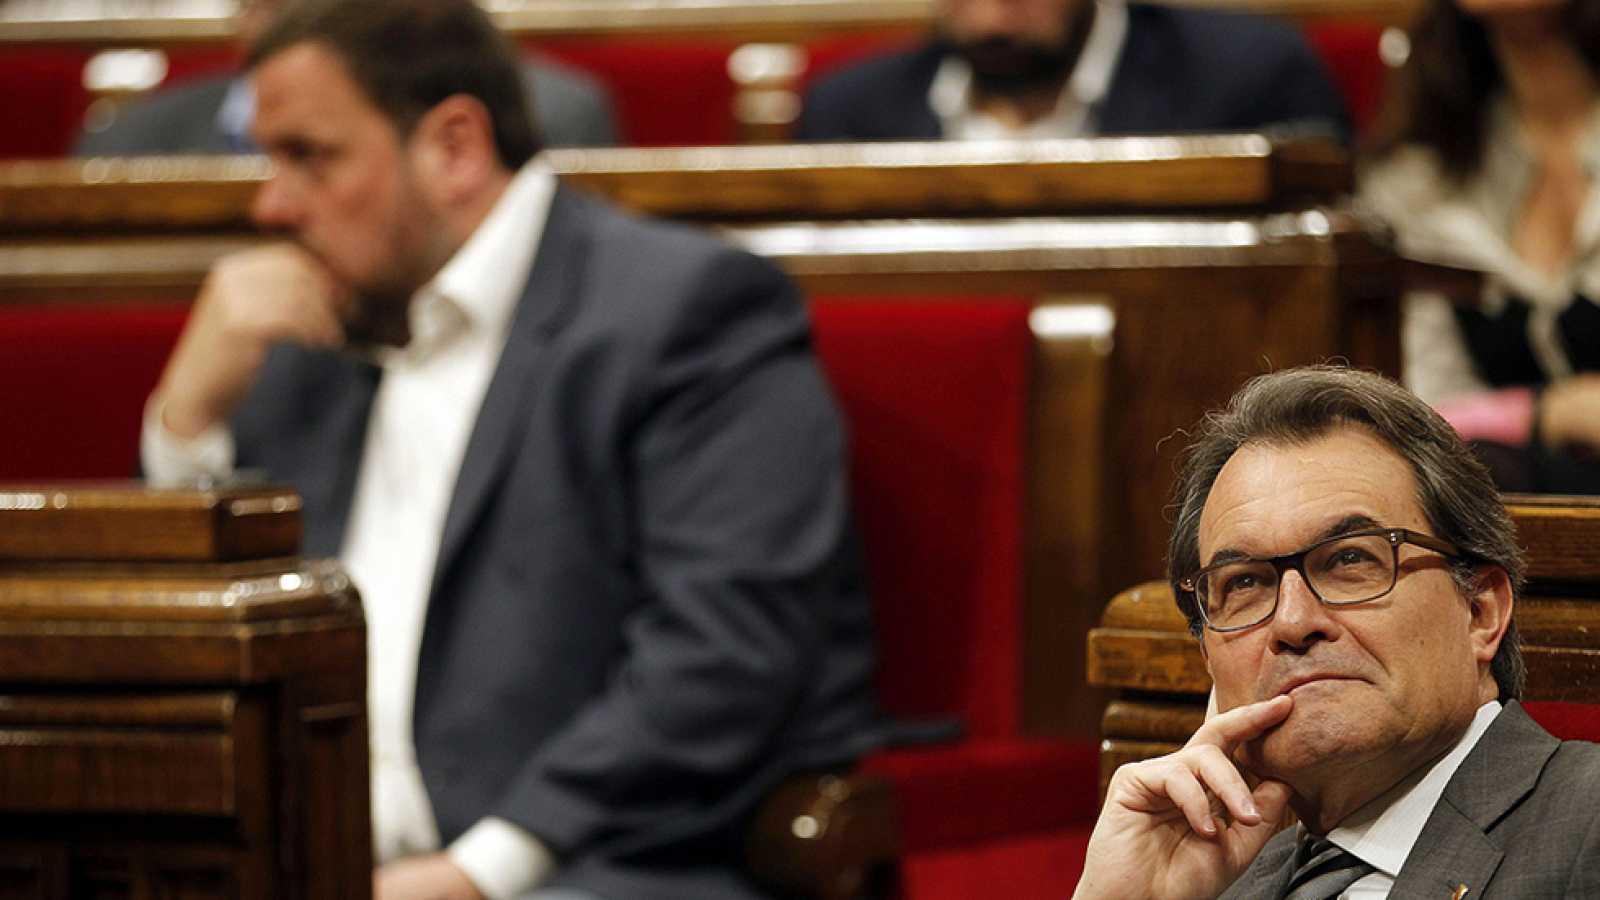 Un ex eurodiputado de Iniciativa Per Cataluña liderará la lista independentista para el 27-S